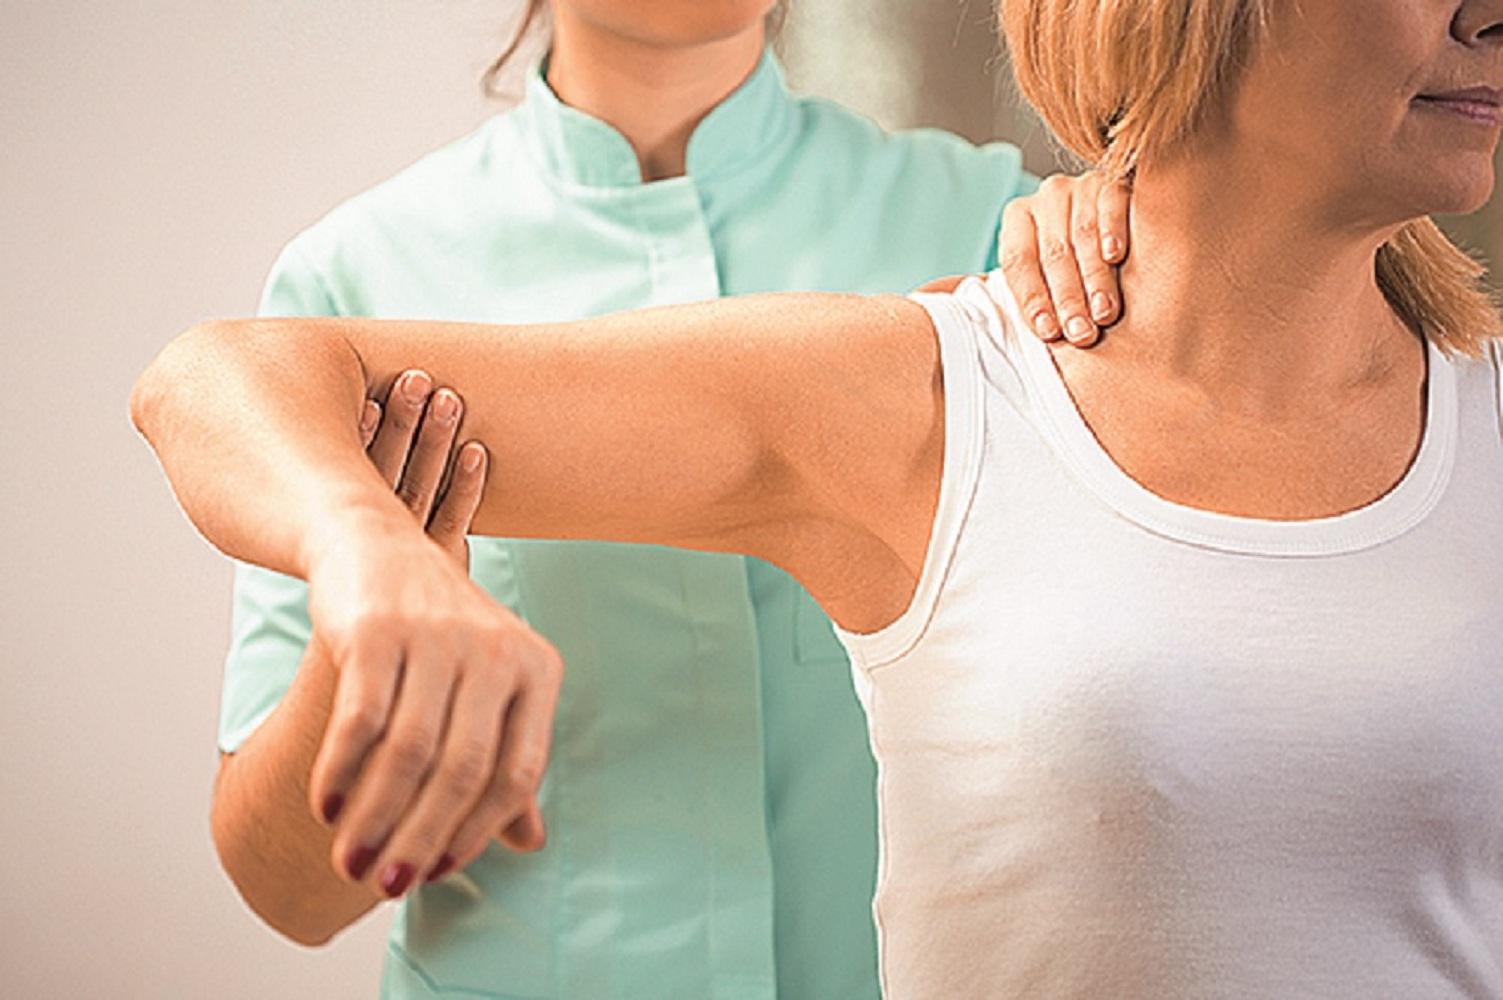 Cum să alinați durerea ascuțită în articulația genunchiului, Posts navigation Account Options